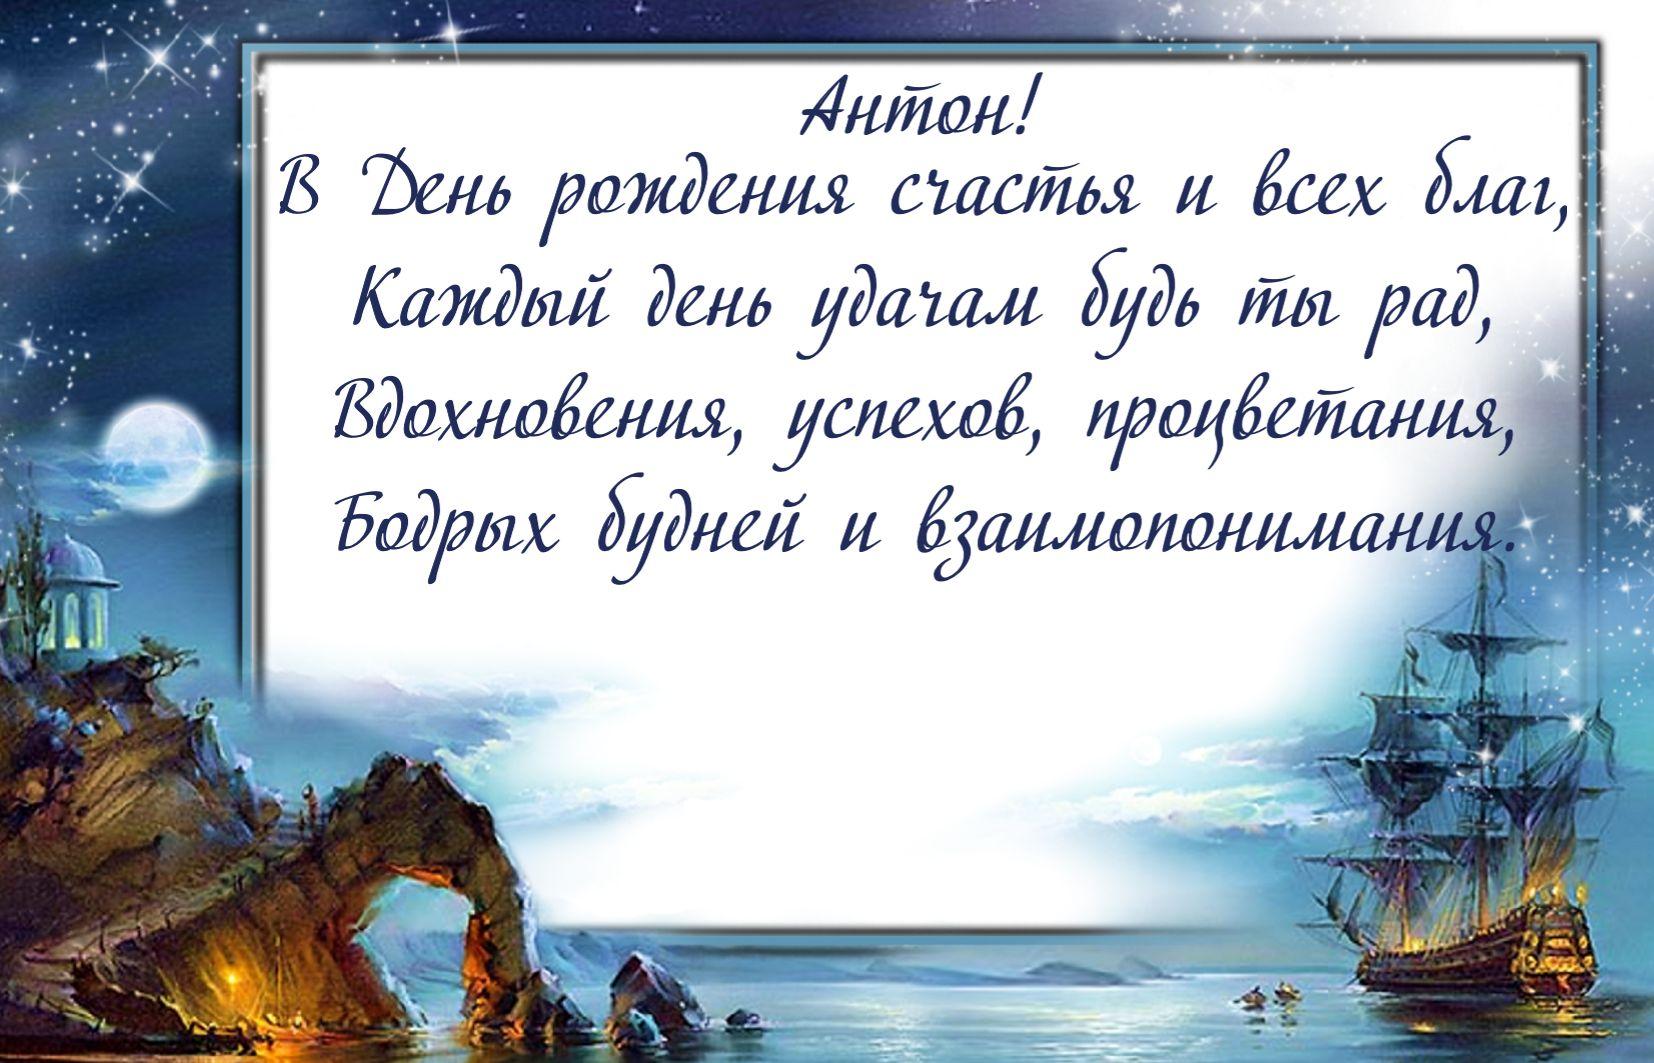 Поздравления на день рождения для антона